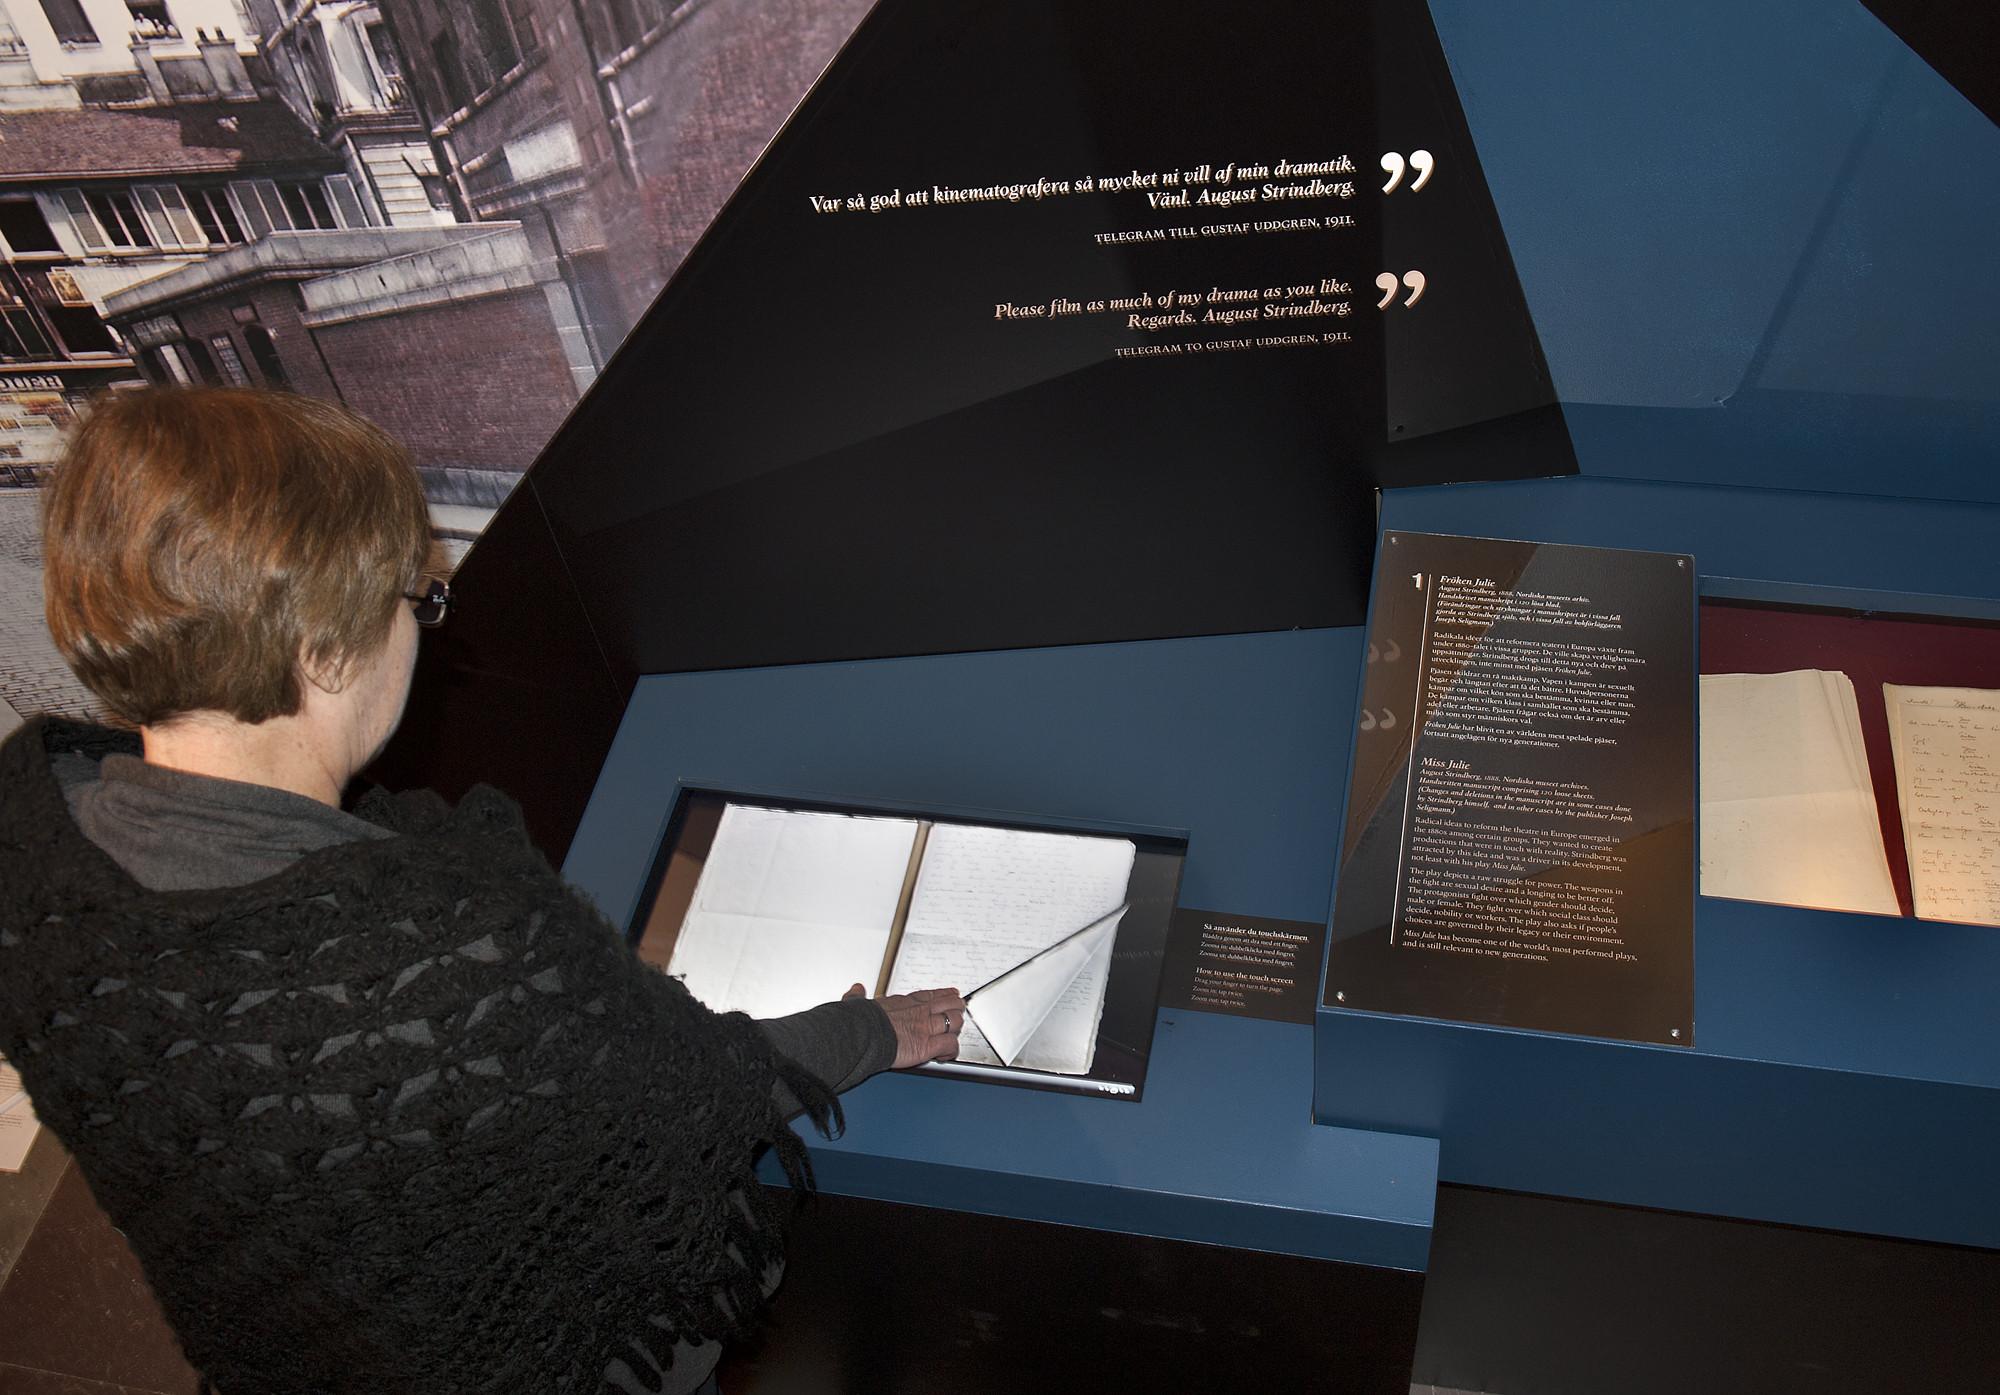 Bild från utställningen. Originalmanuskript i monter samt digital kopia att bläddra i.